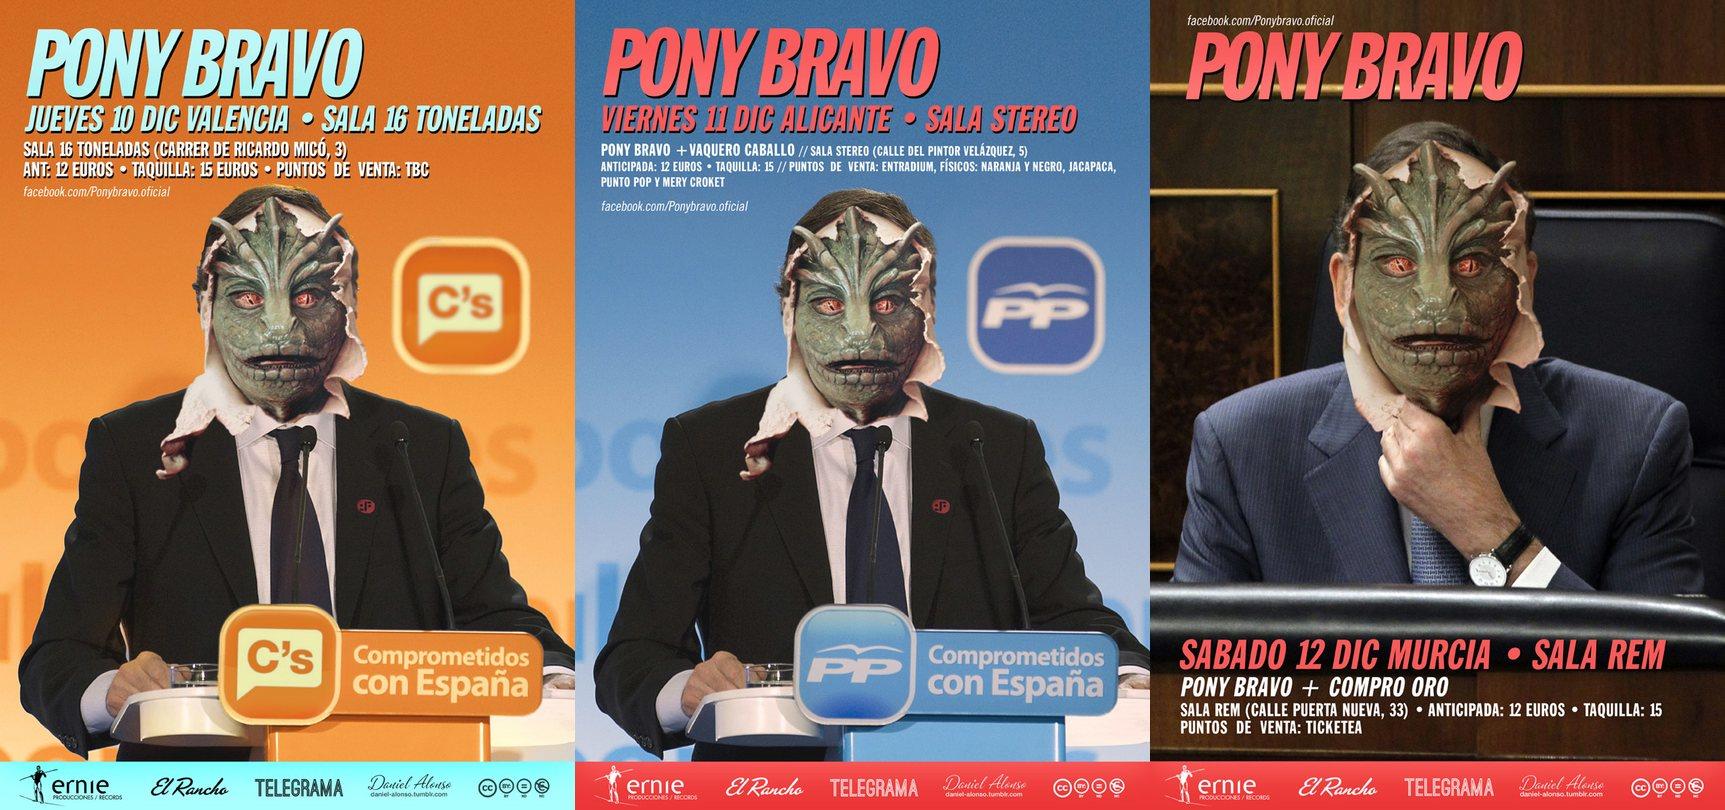 Carteles-conciertos-pony-bravo